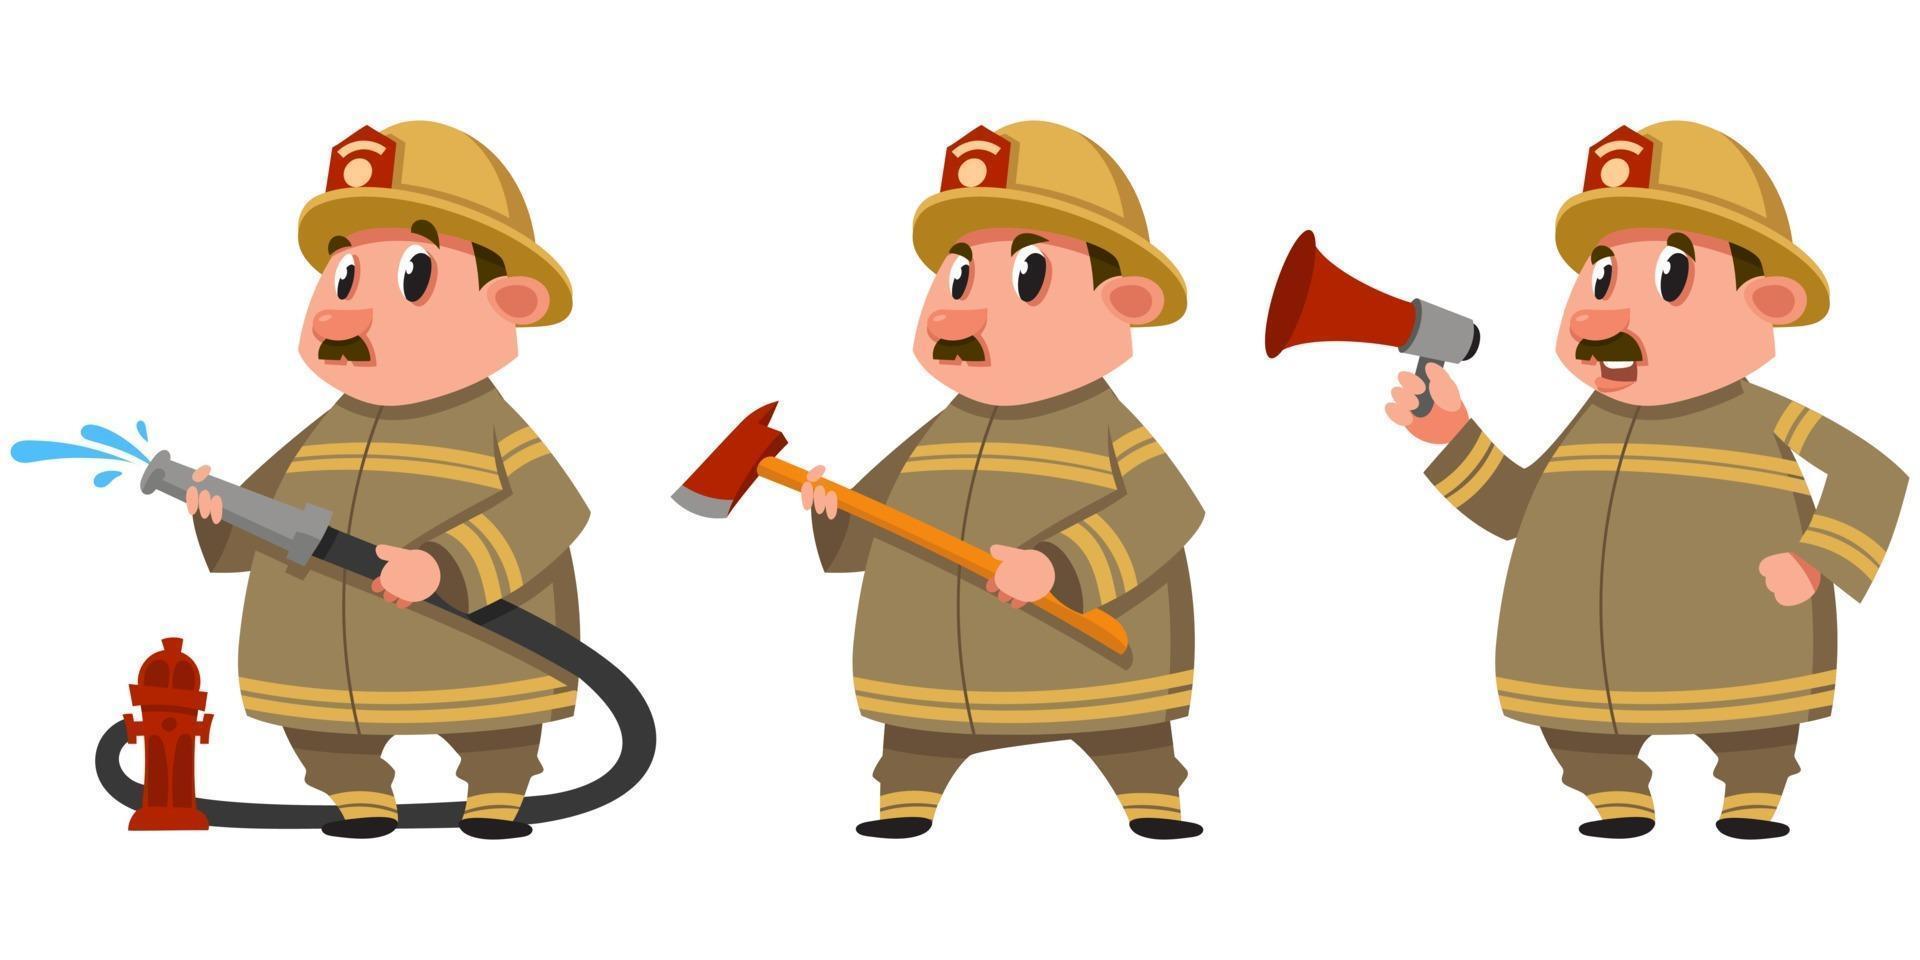 bombeiro em diferentes poses. vetor